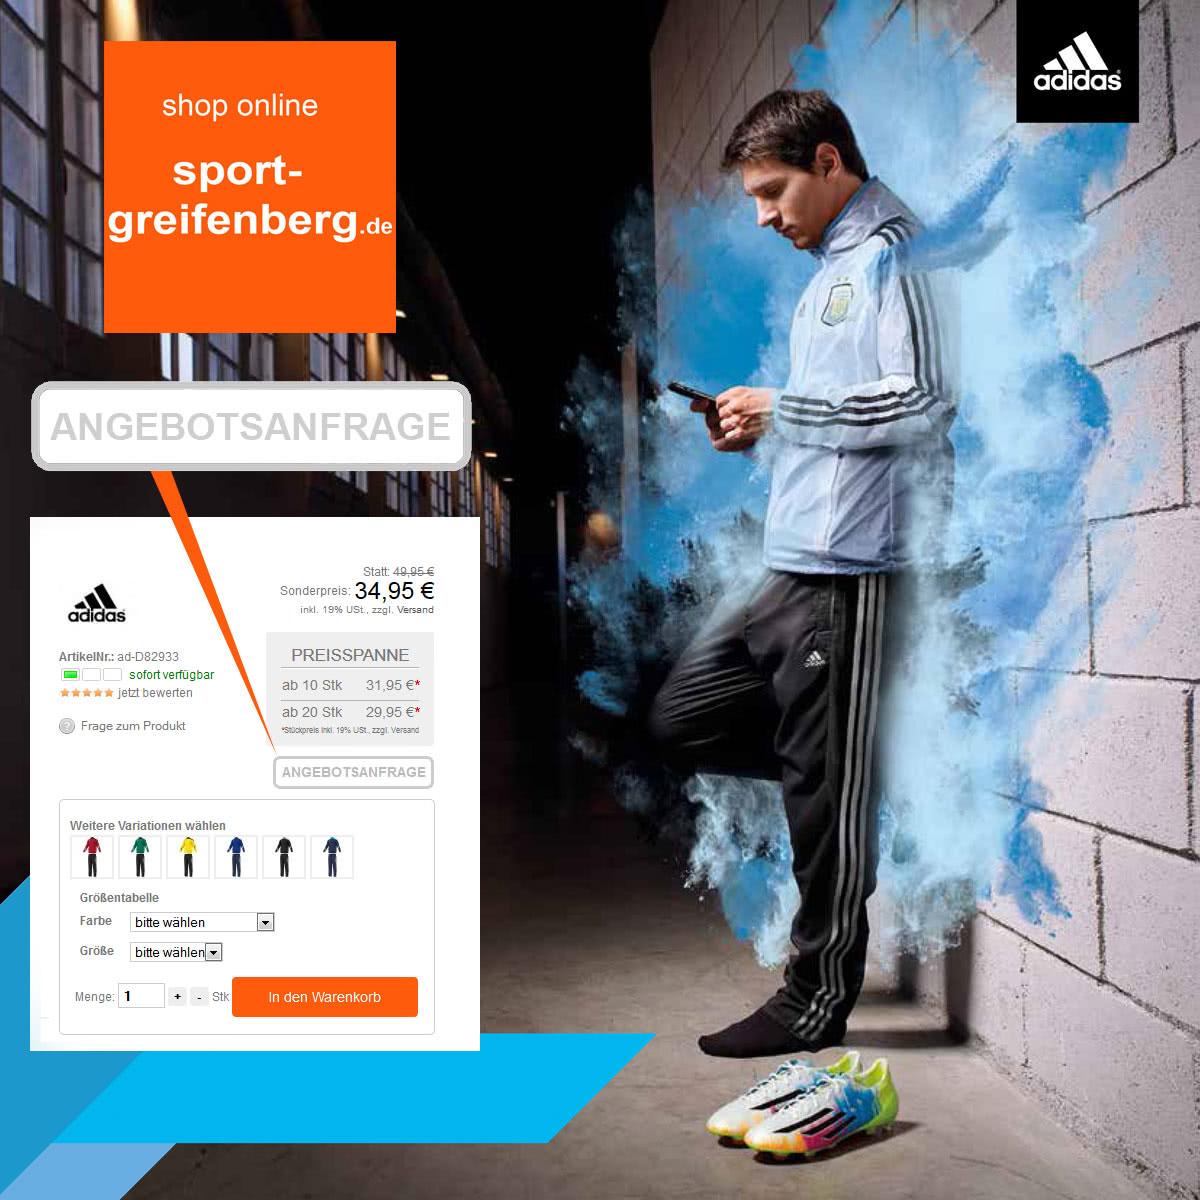 Die Angebotsanfrage für die Adidas Anpfiff 2014 Flyer Produkte